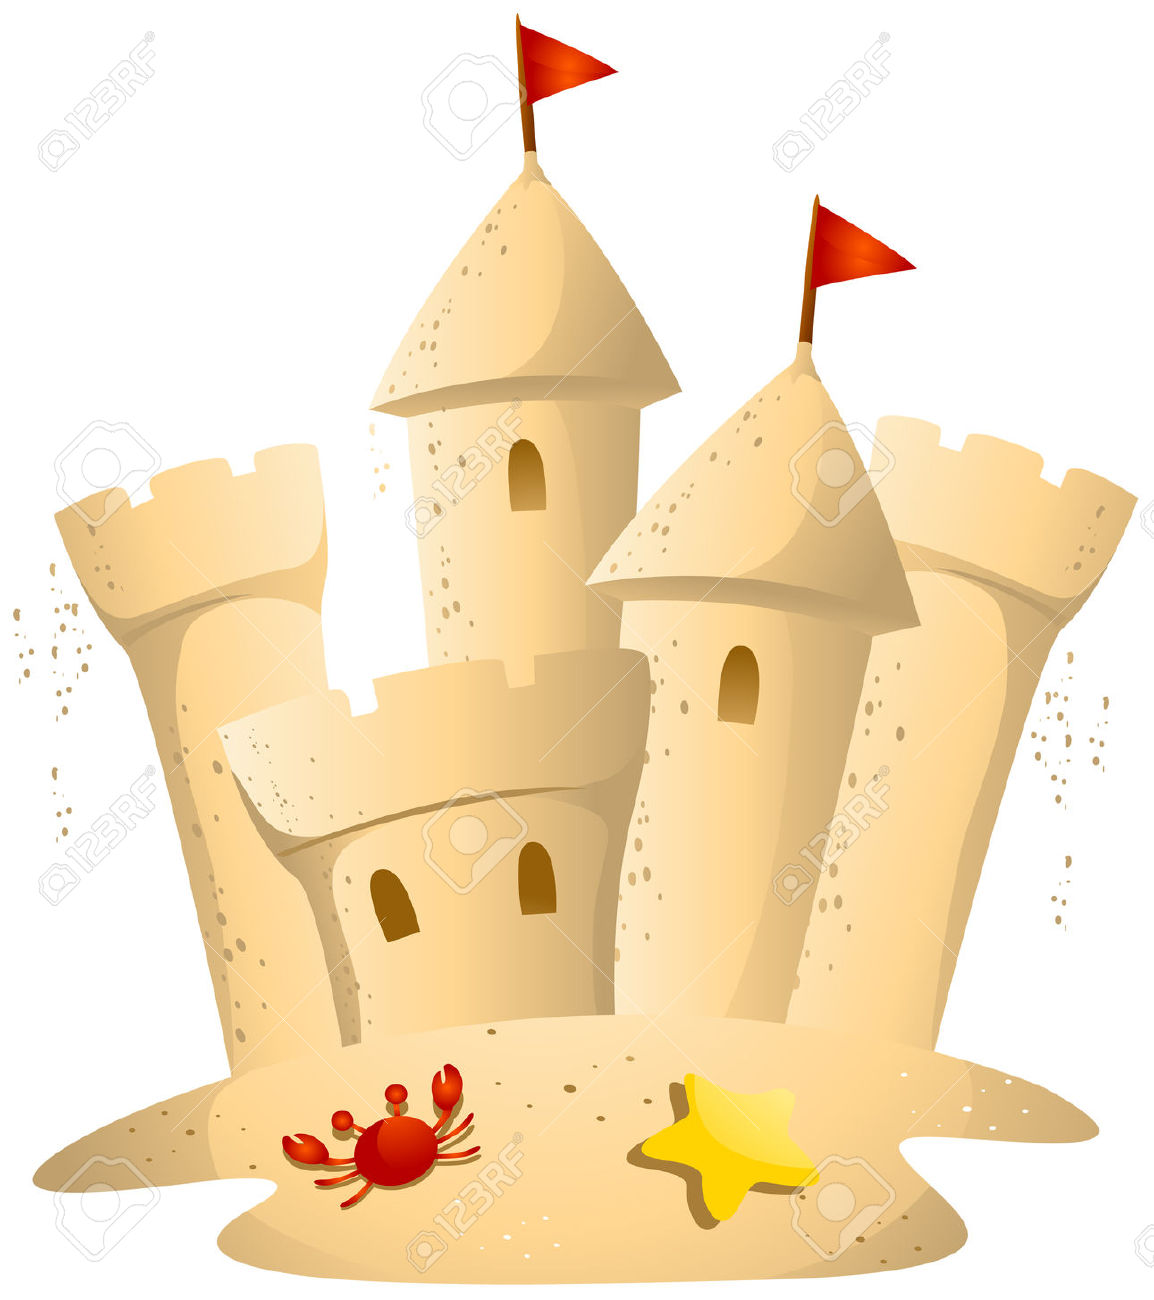 Sand Castle Images Clip Art - .-Sand castle images clip art - .-13